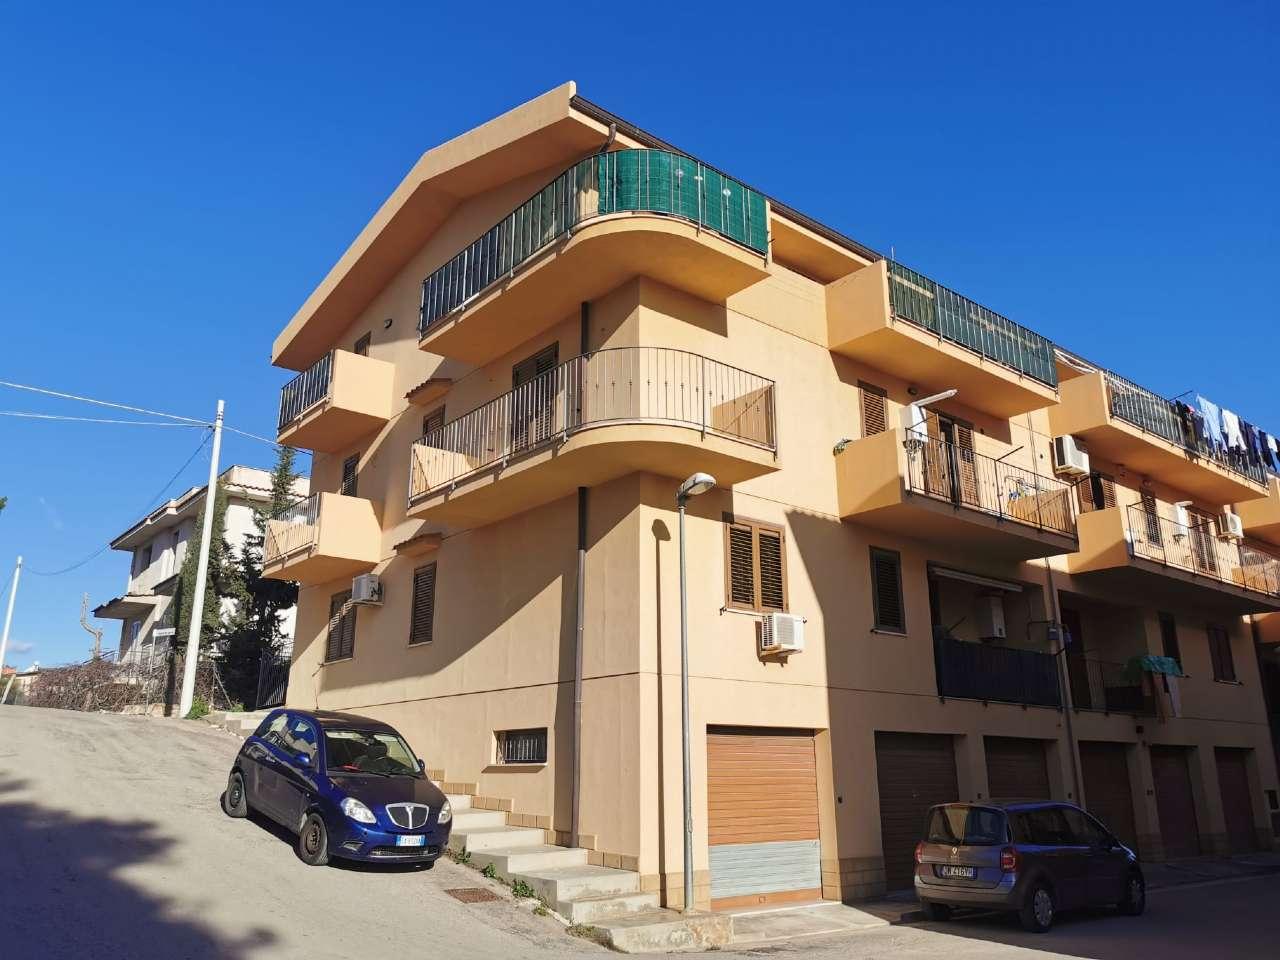 Appartamento in Vendita a Casteldaccia: 3 locali, 108 mq